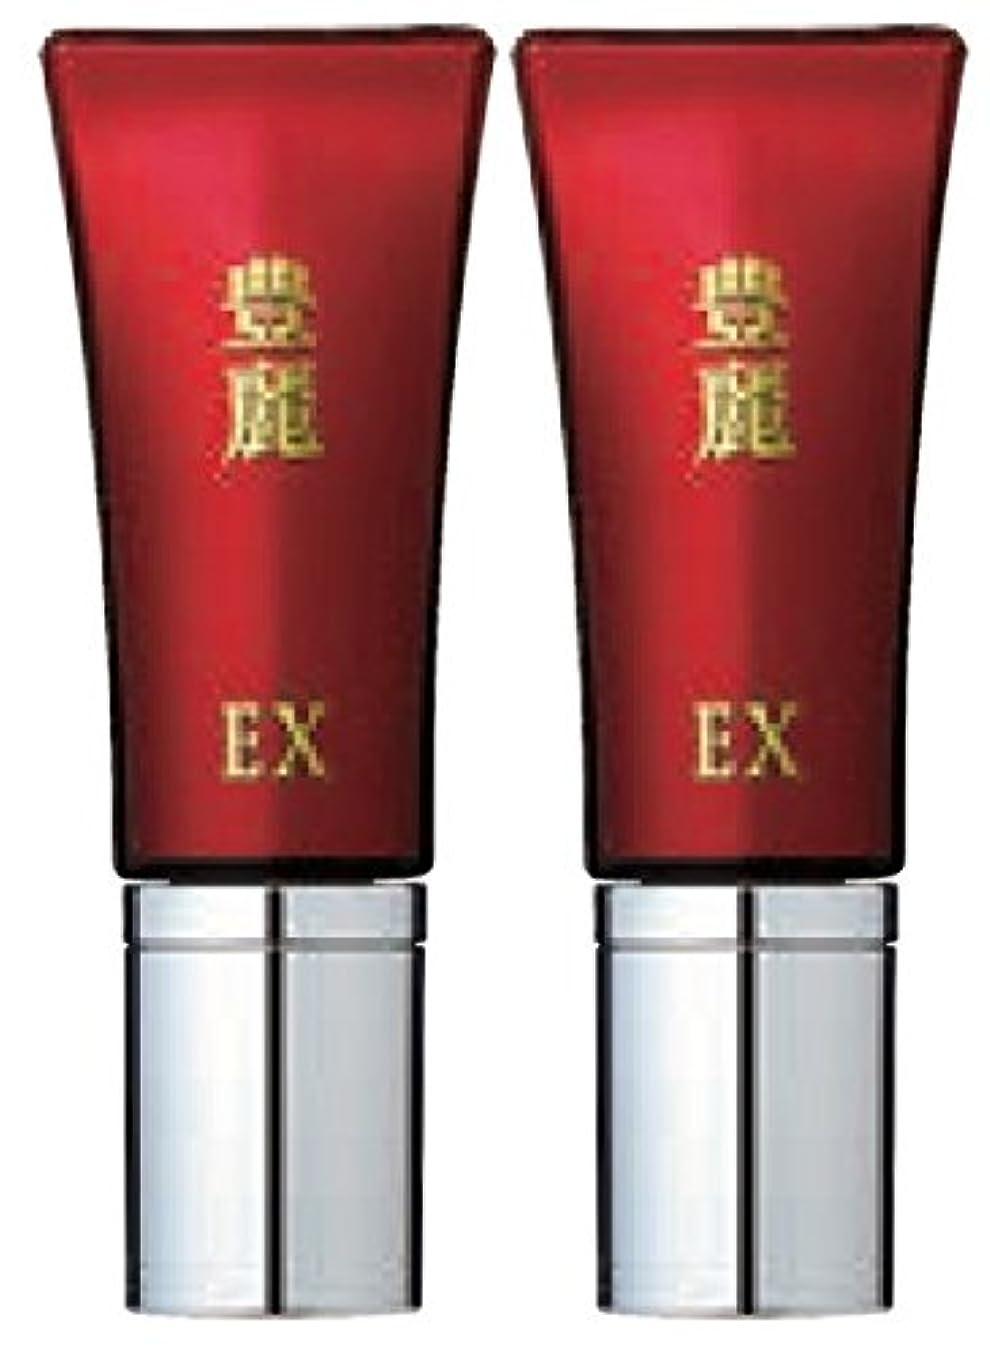 図拾う密輸豊麗EX 16g 2本セット TVショッピングで話題のハリ肌美容液